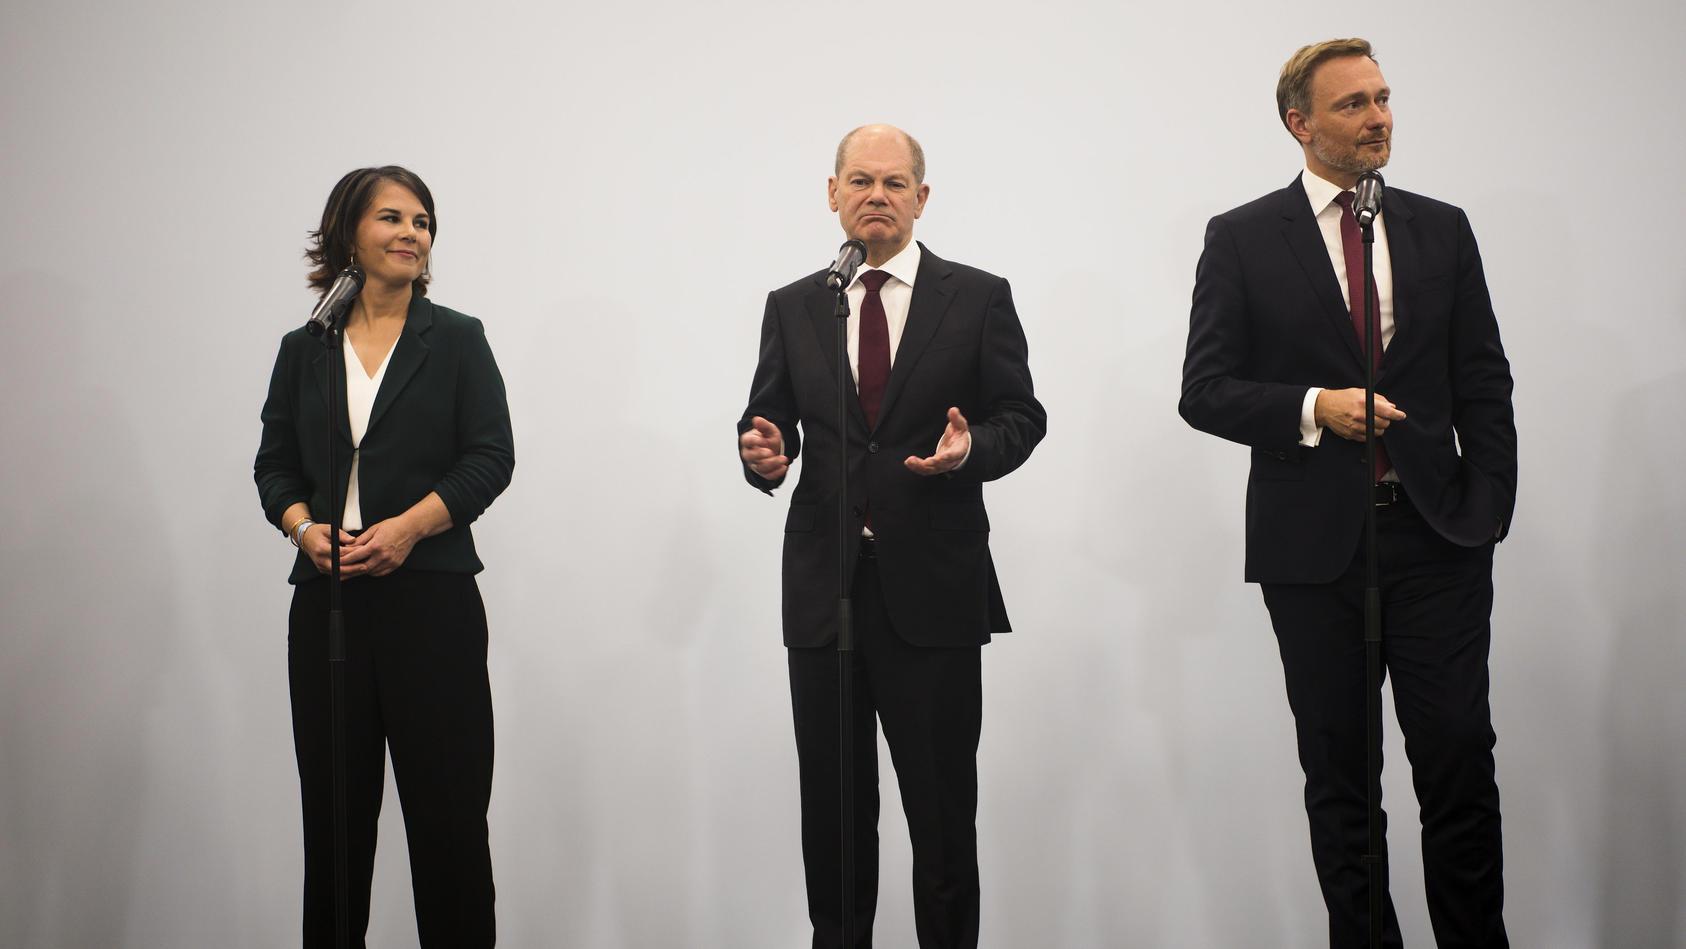 22-prozent-trauen-aktuell-der-spd-zu-mit-den-problemen-in-deutschland-am-besten-fertig-werden-zu-konnen-der-union-hingegen-nur-noch-7-prozent-aktuell-trauen-somit-weniger-bundesburger-der-union-politische-kompetenz-zu-als-der-fdp-oder-den-grunen